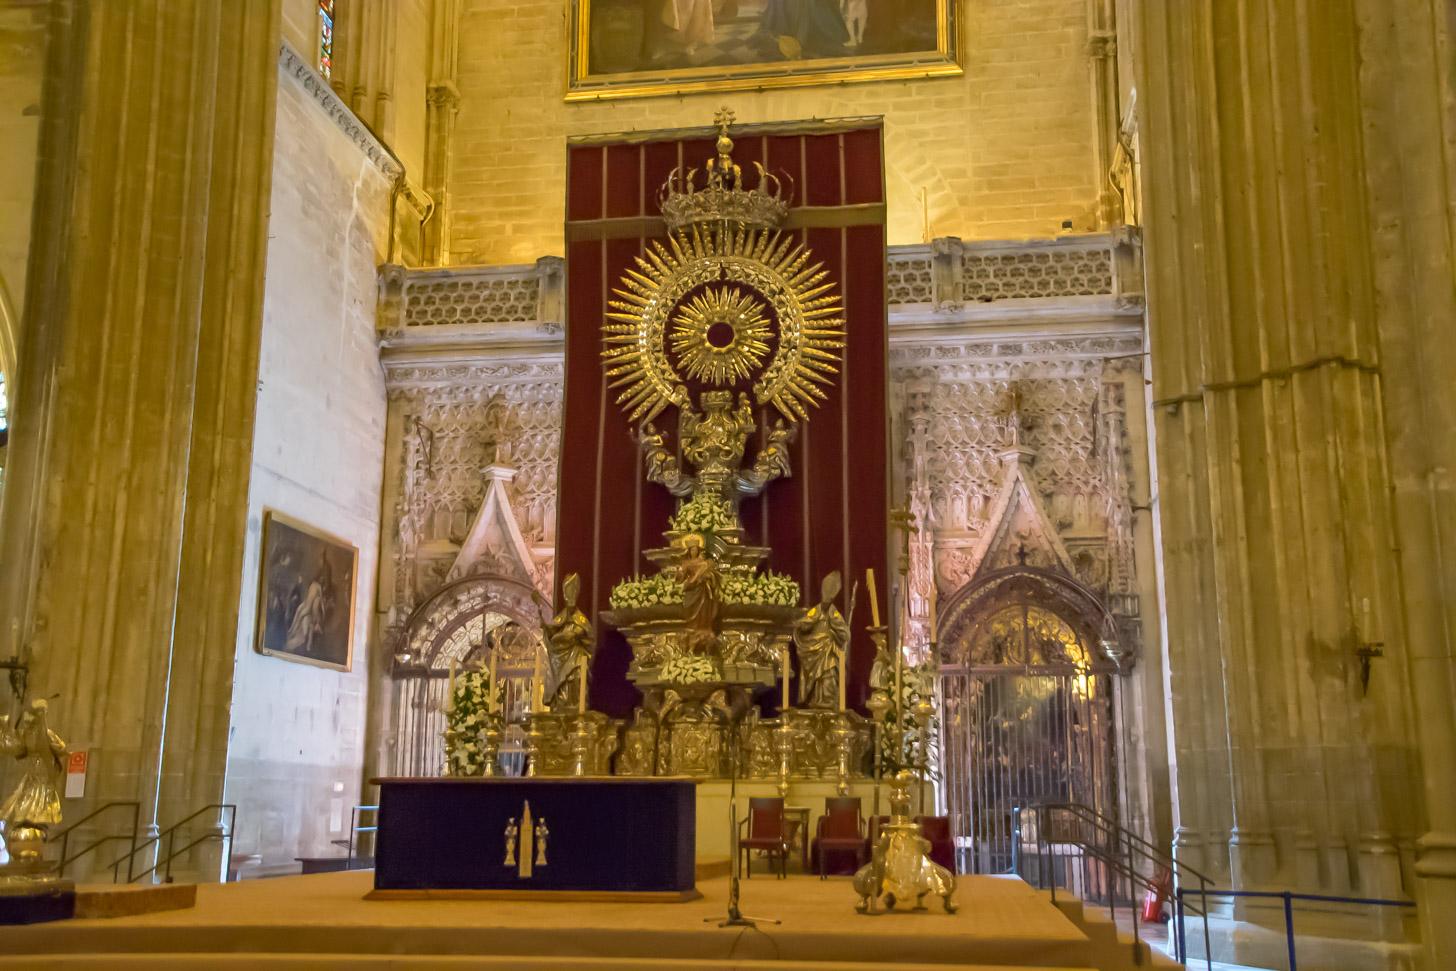 hoofdaltaar van de Kathedraal van Sevilla